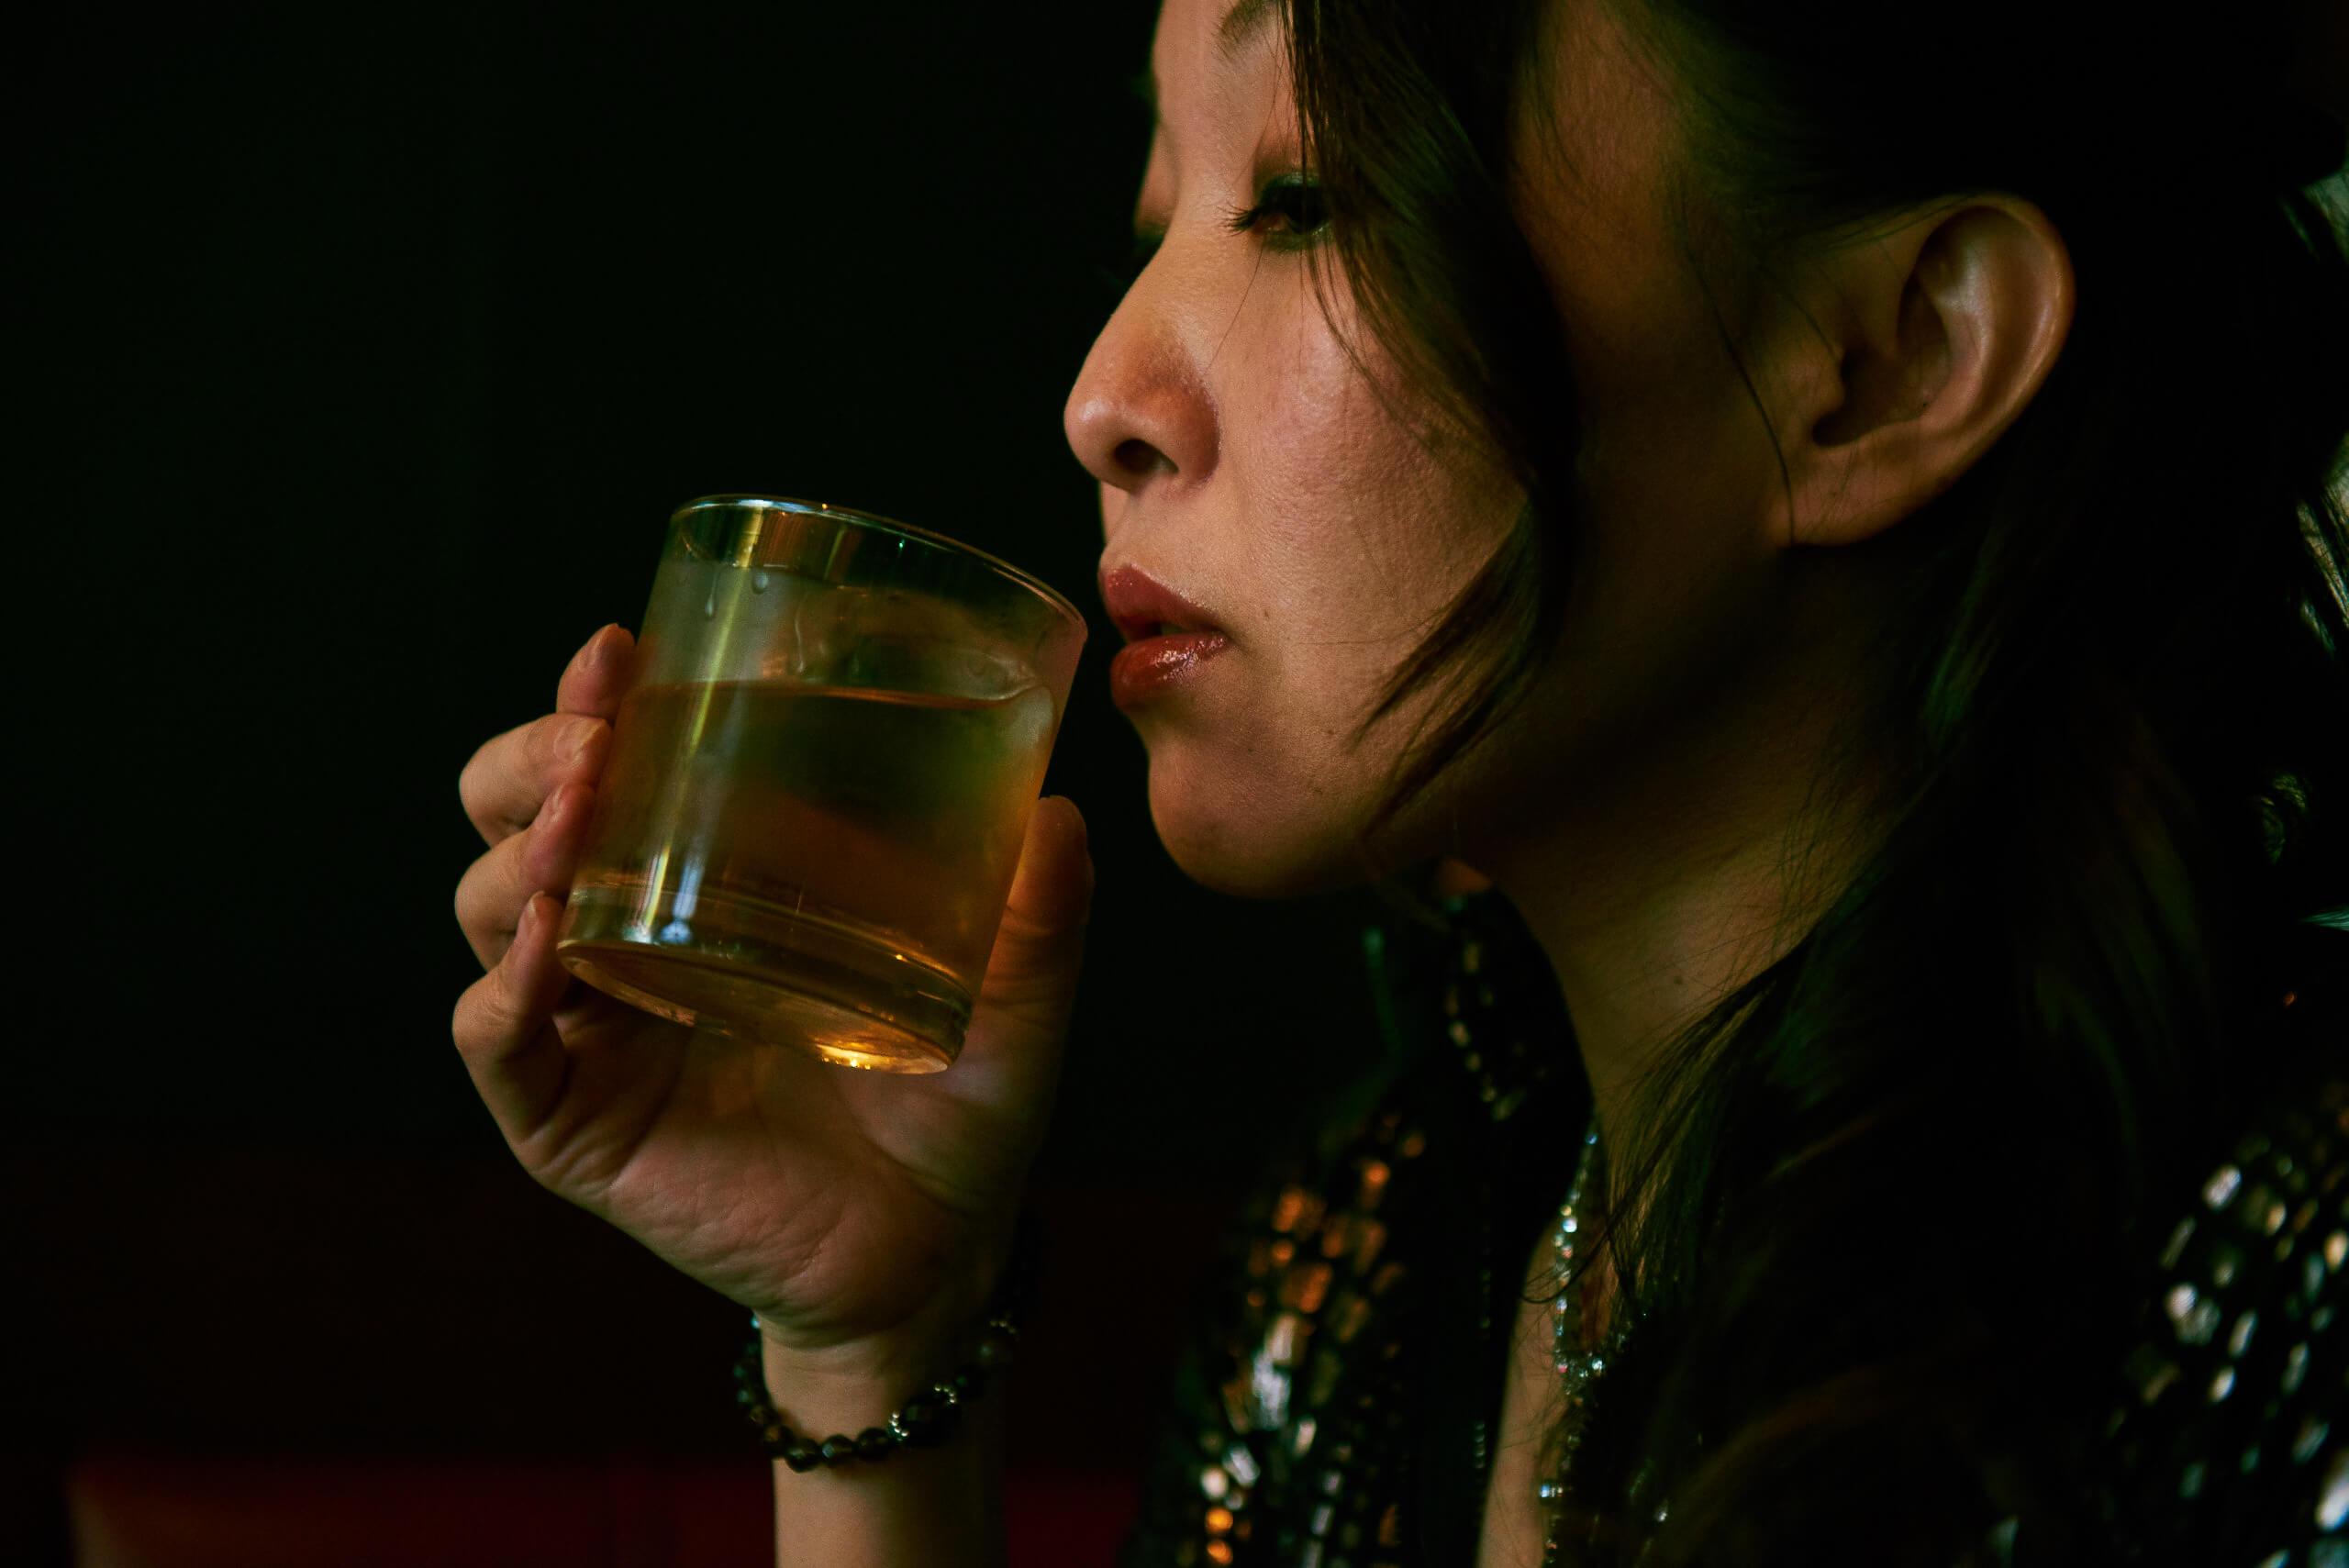 (Photo by Shiro Miyake)